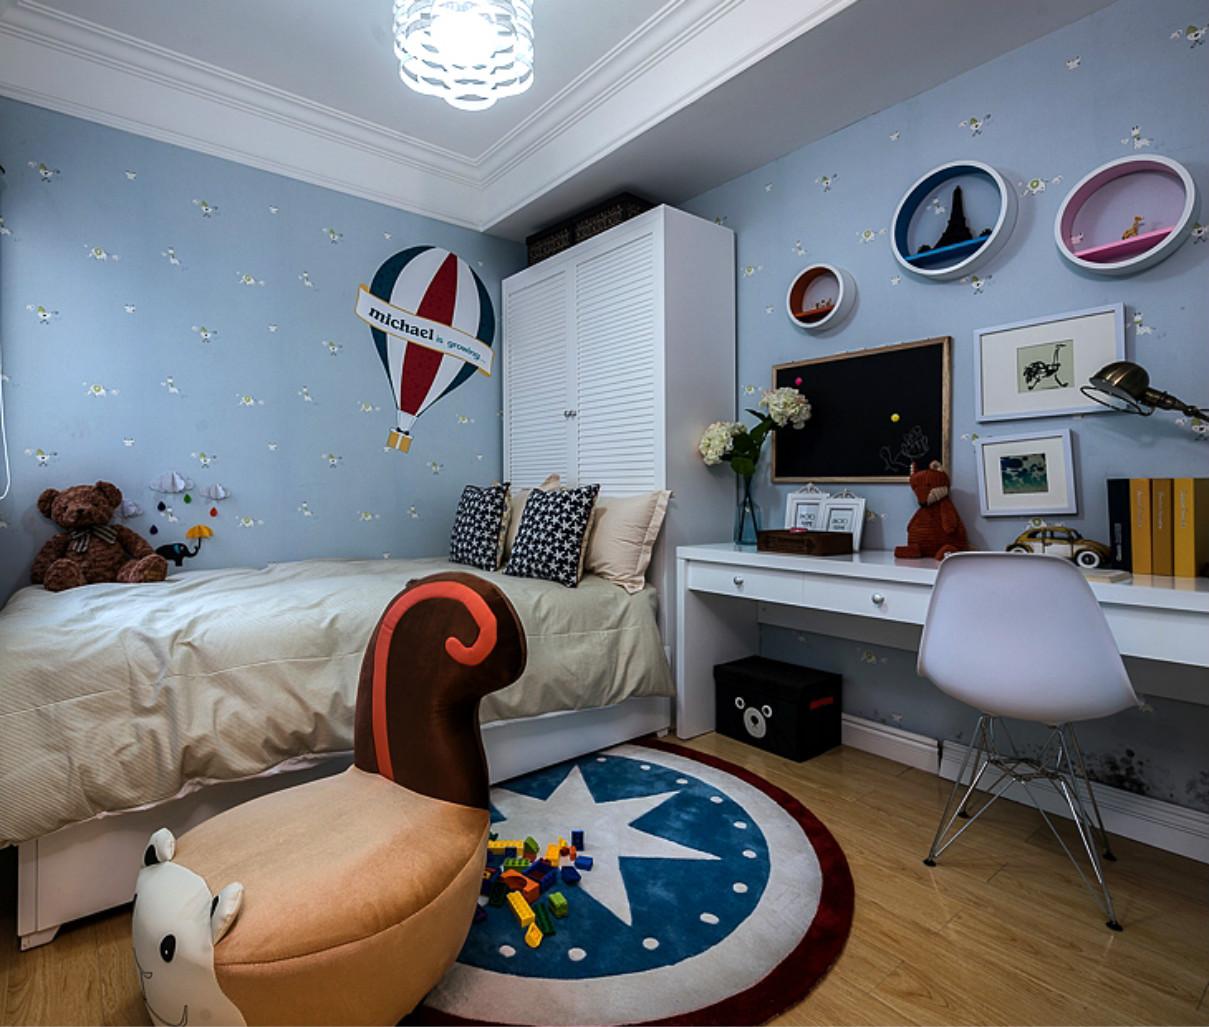 次卧则是孩子的房间,空间的装饰给整个空间带进了不少温馨。